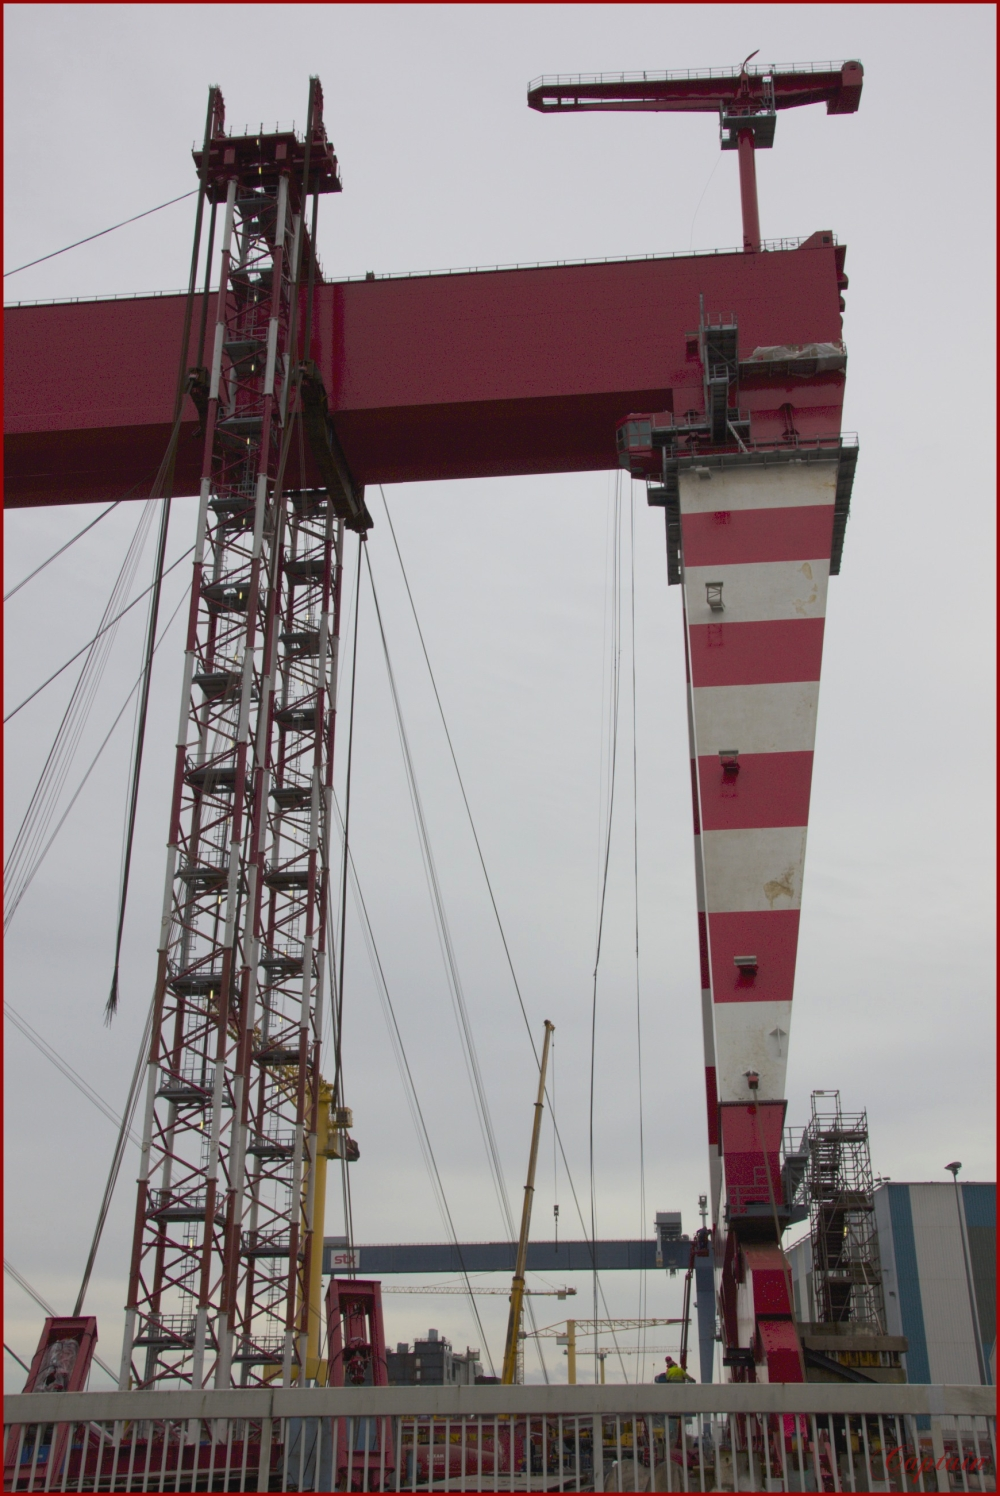 TGP Saint Nazaire STX chantier naval